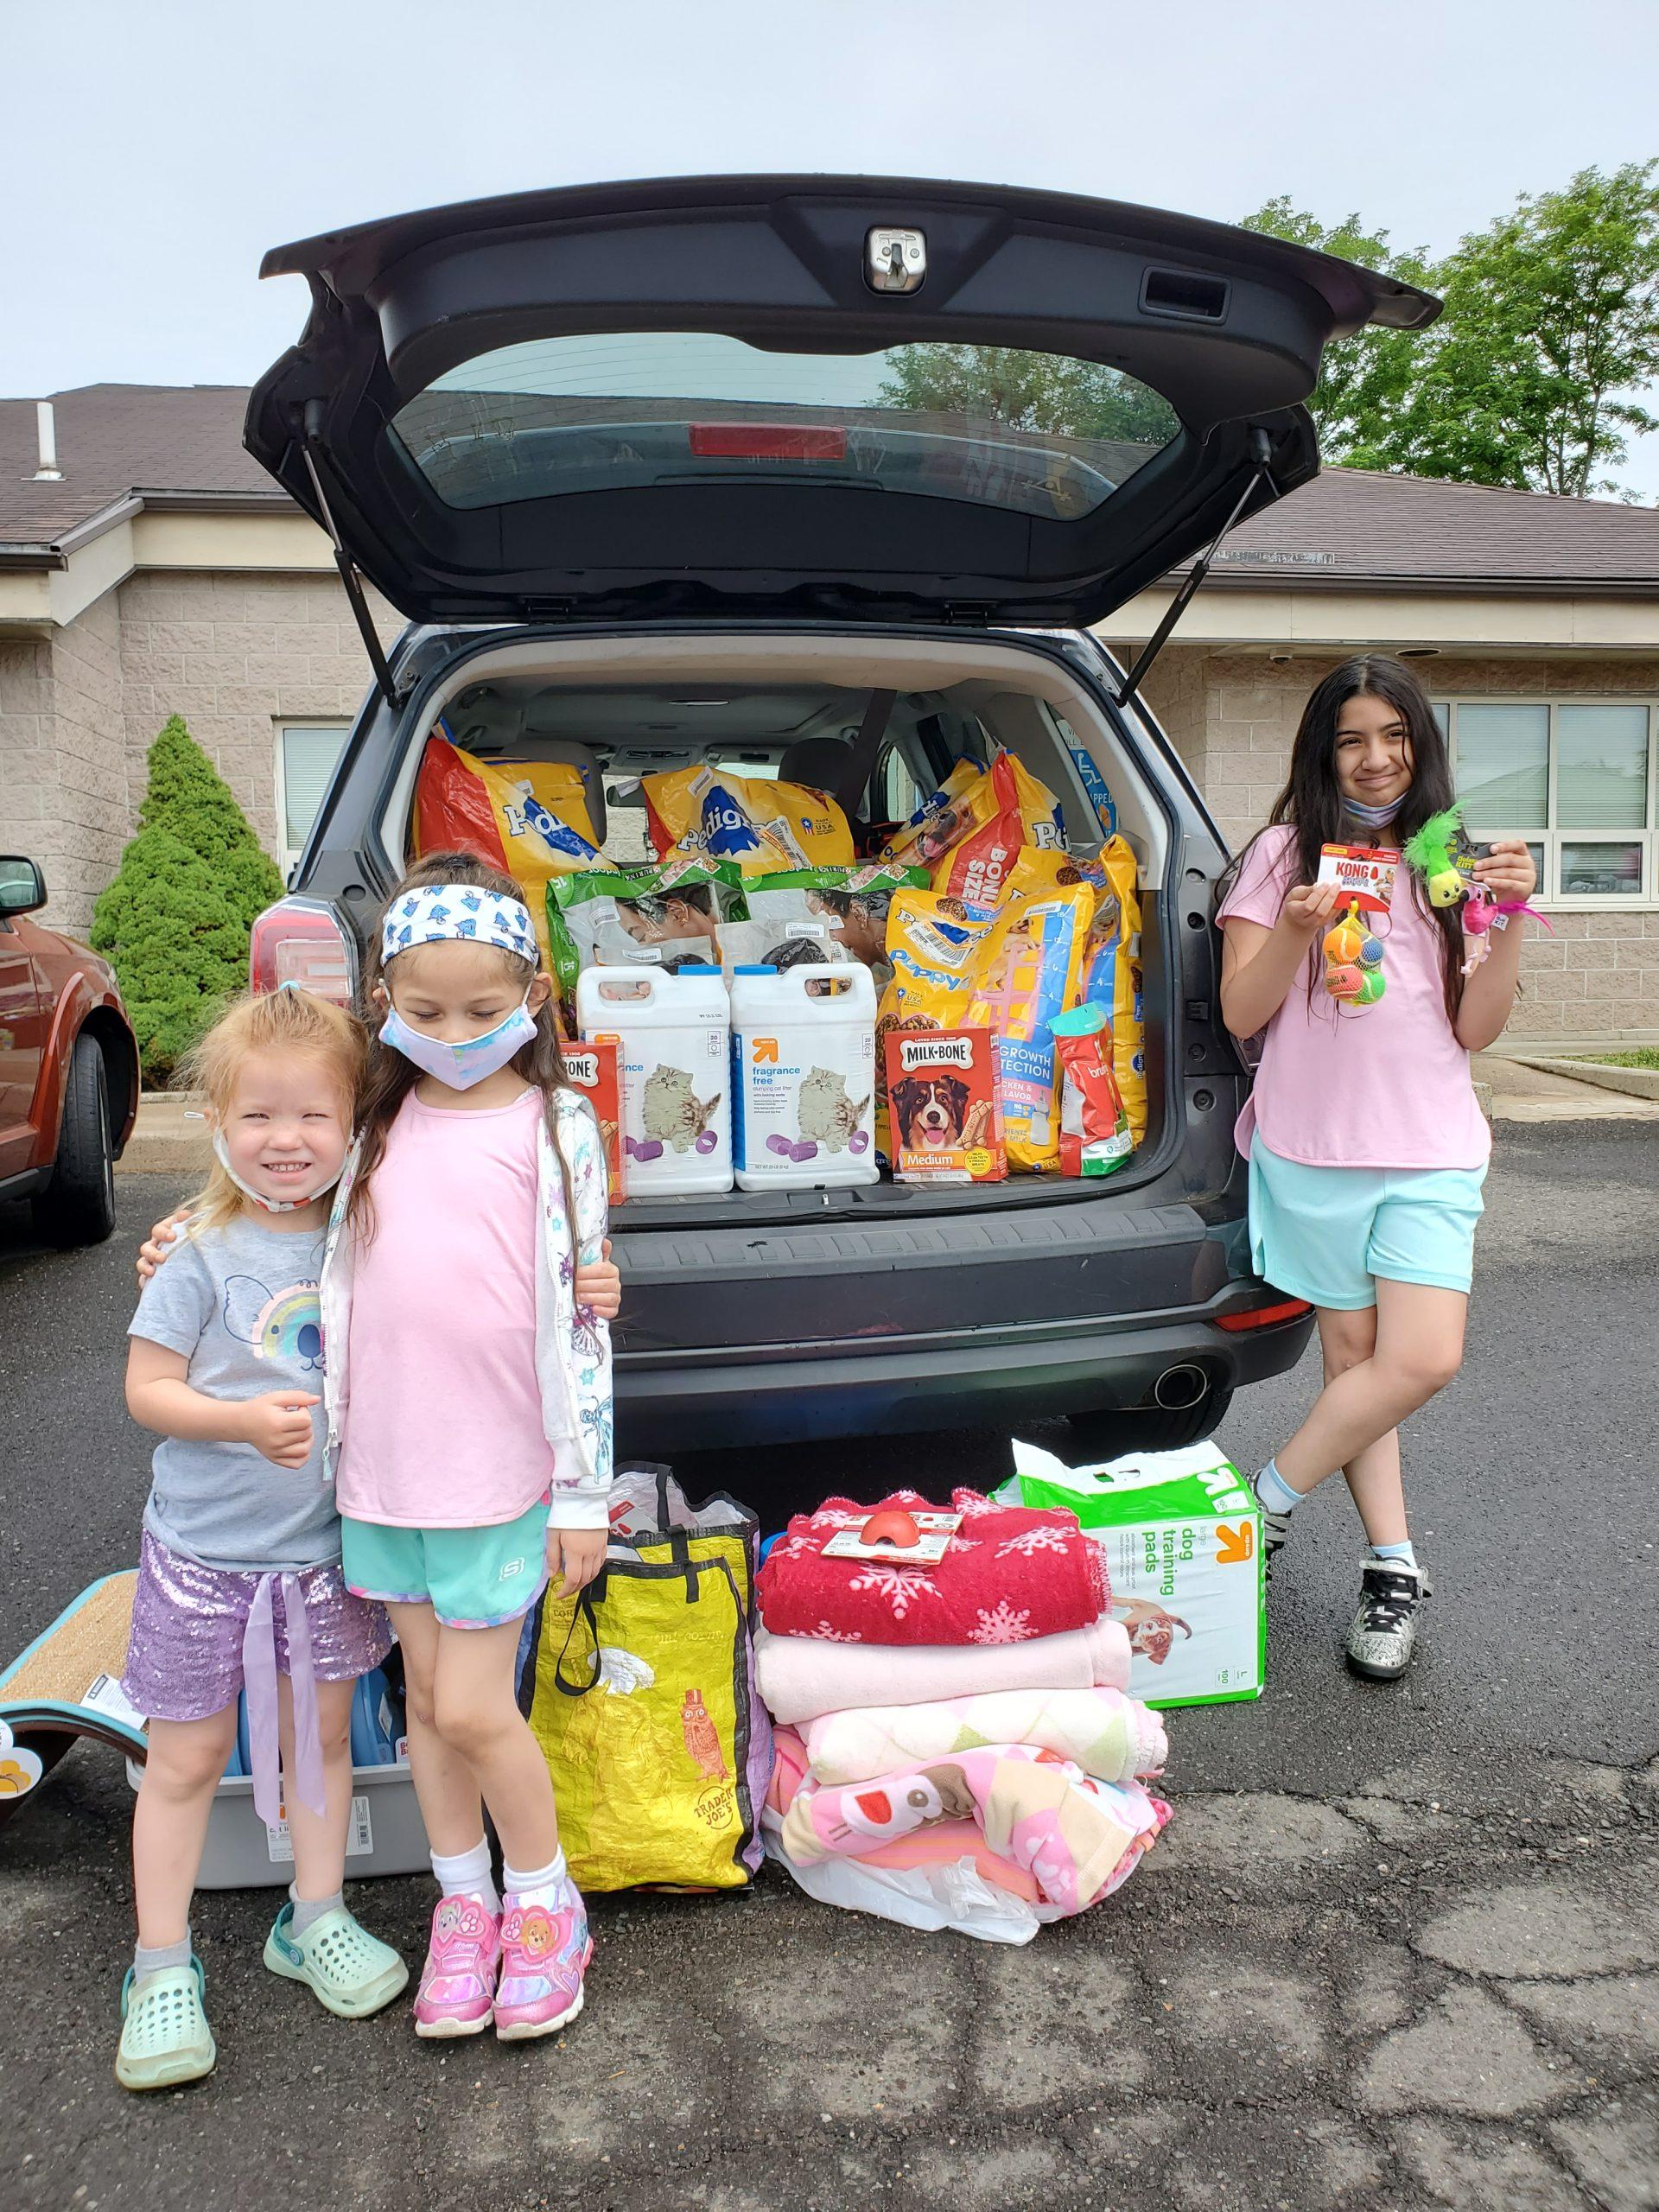 Raising funds for shelter